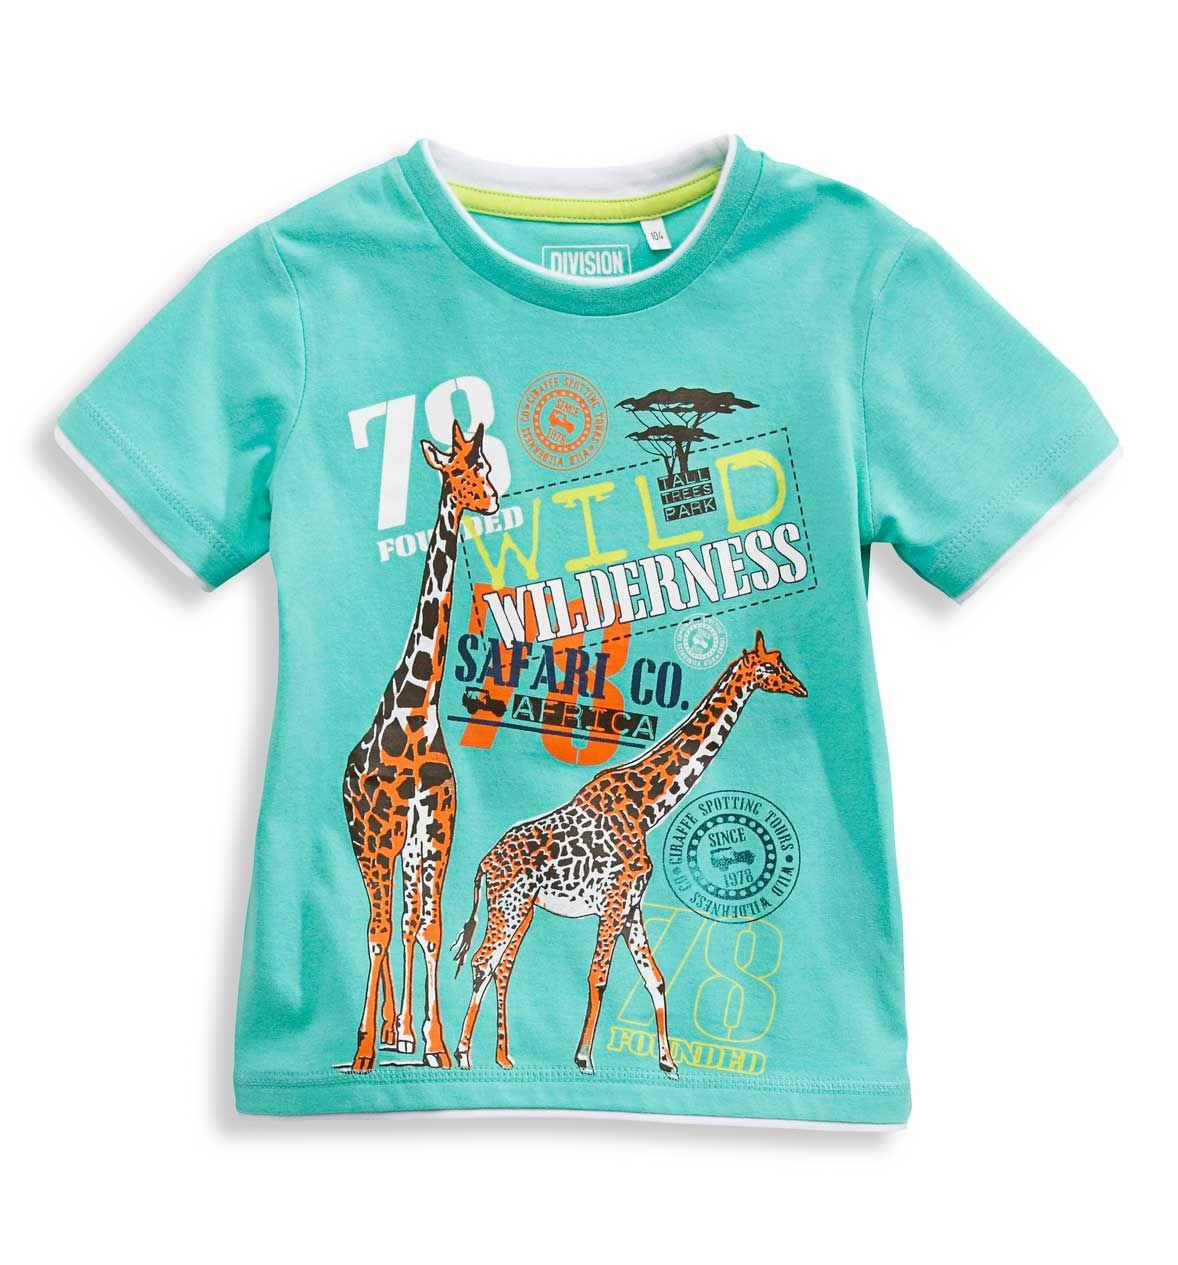 Tshirt Giraffen Lichtblauw Kids Outfits Kids Wear Kids Fashion